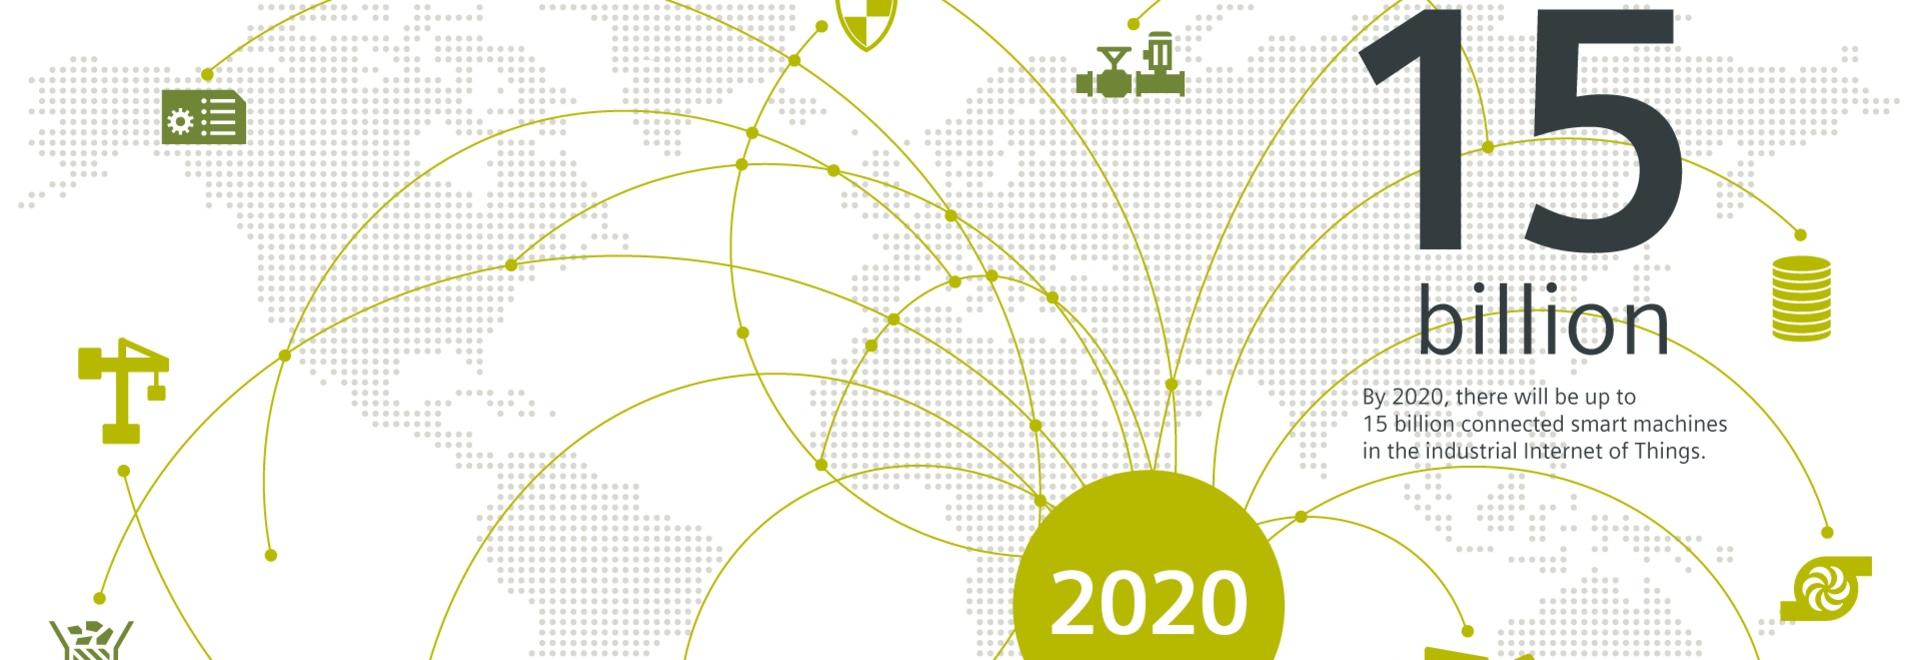 Maßgeschneiderte Netzwerktechnologie steigert die Wettbewerbsfähigkeit und ebnet den Weg in die Digitalisierung